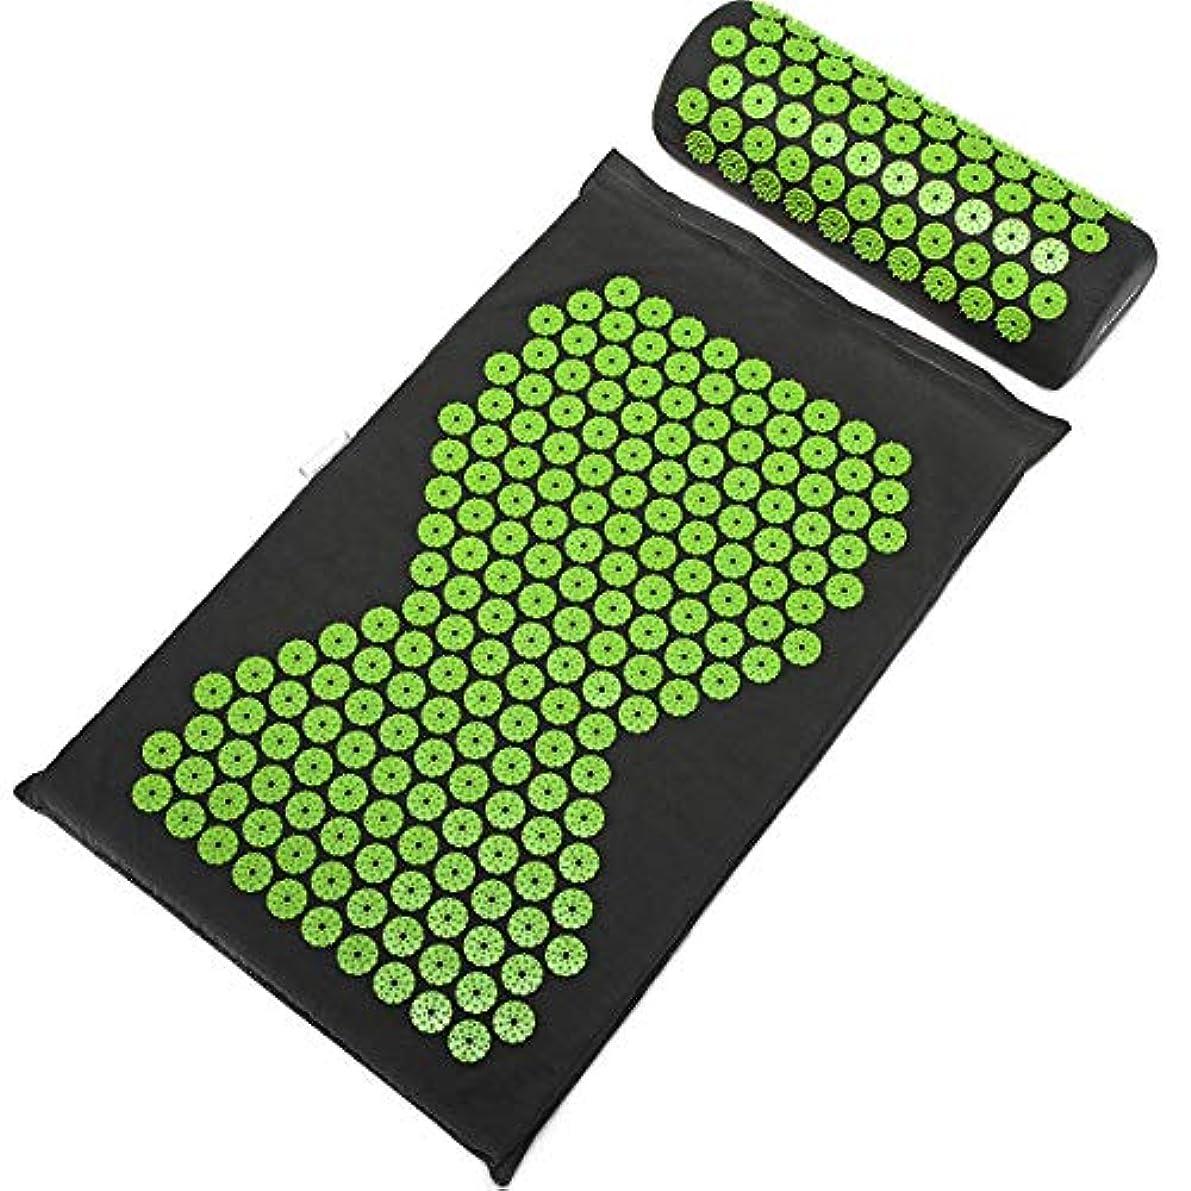 そうでなければ中断行列Sulida ヨガマット マッサージマパッド ストラップ付き マッサージ枕 トレーニングマット 睡眠改善 自宅運動 マット 高密度 持ち運び 滑り止め 血行促進 収納簡単 エコ グリップ力 クッション性